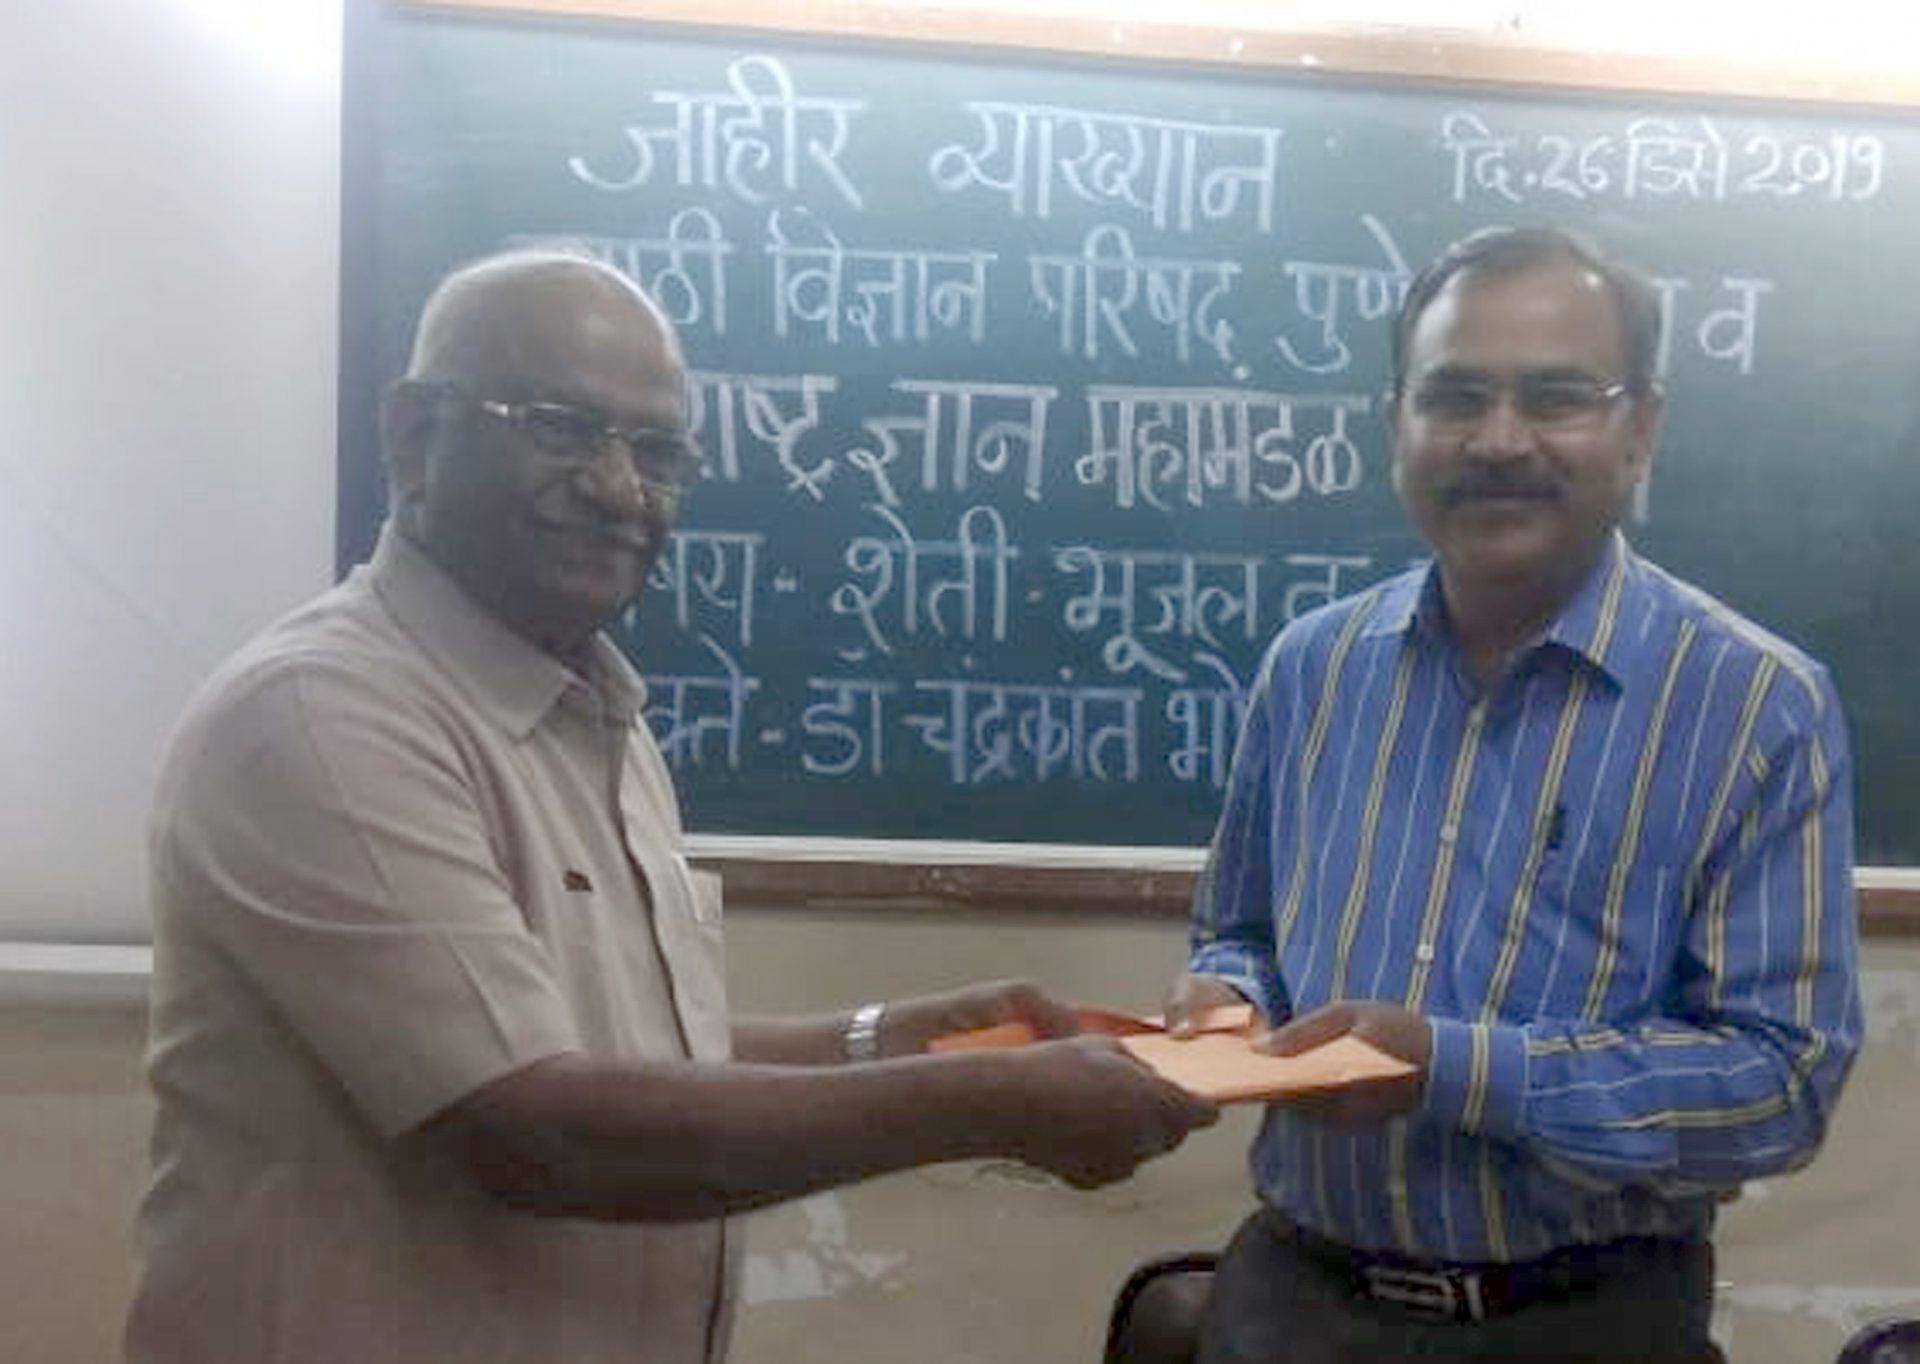 जलसंधारण, पाणीबचतीवर भर देणे आवश्यक- डॉ. चंद्रकांत भोयर